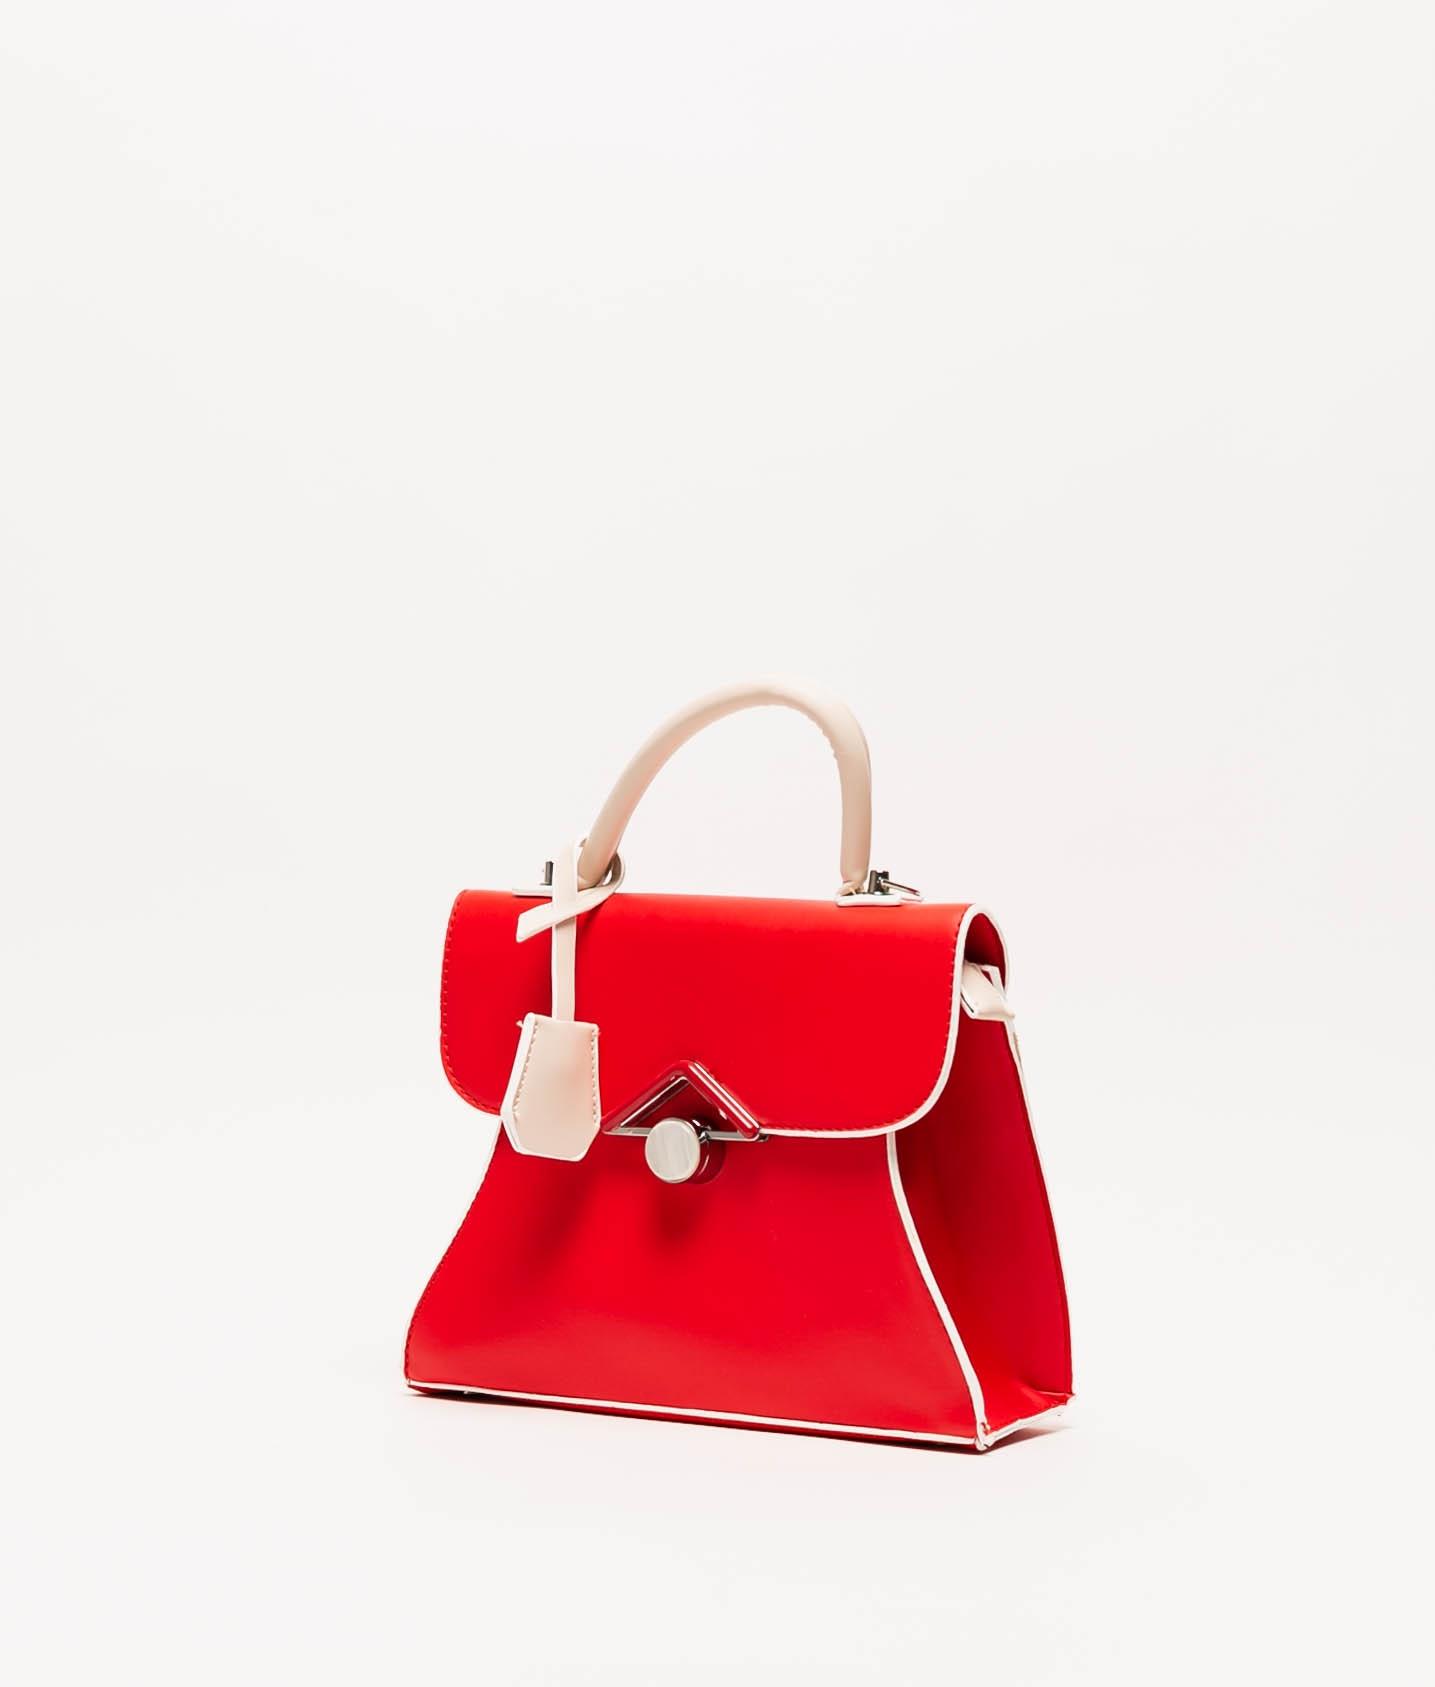 TLINGLIT BAG - RED